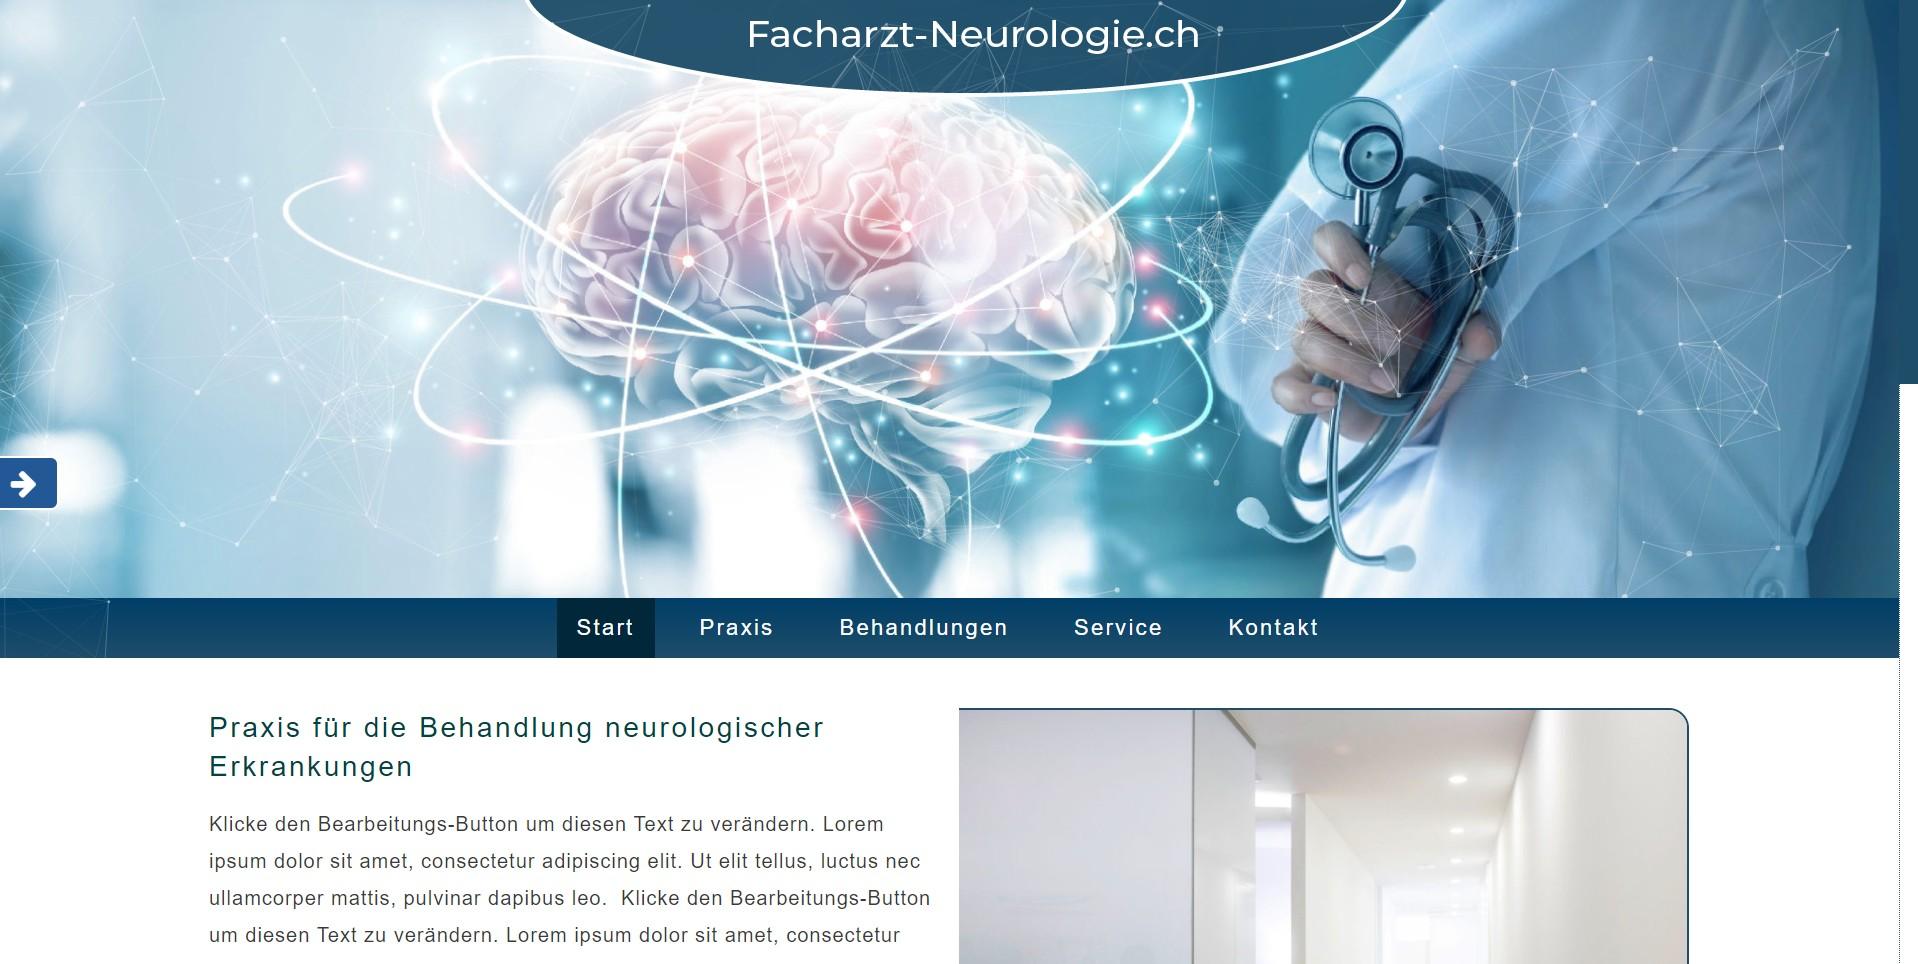 Facharzt-Neurologie.ch